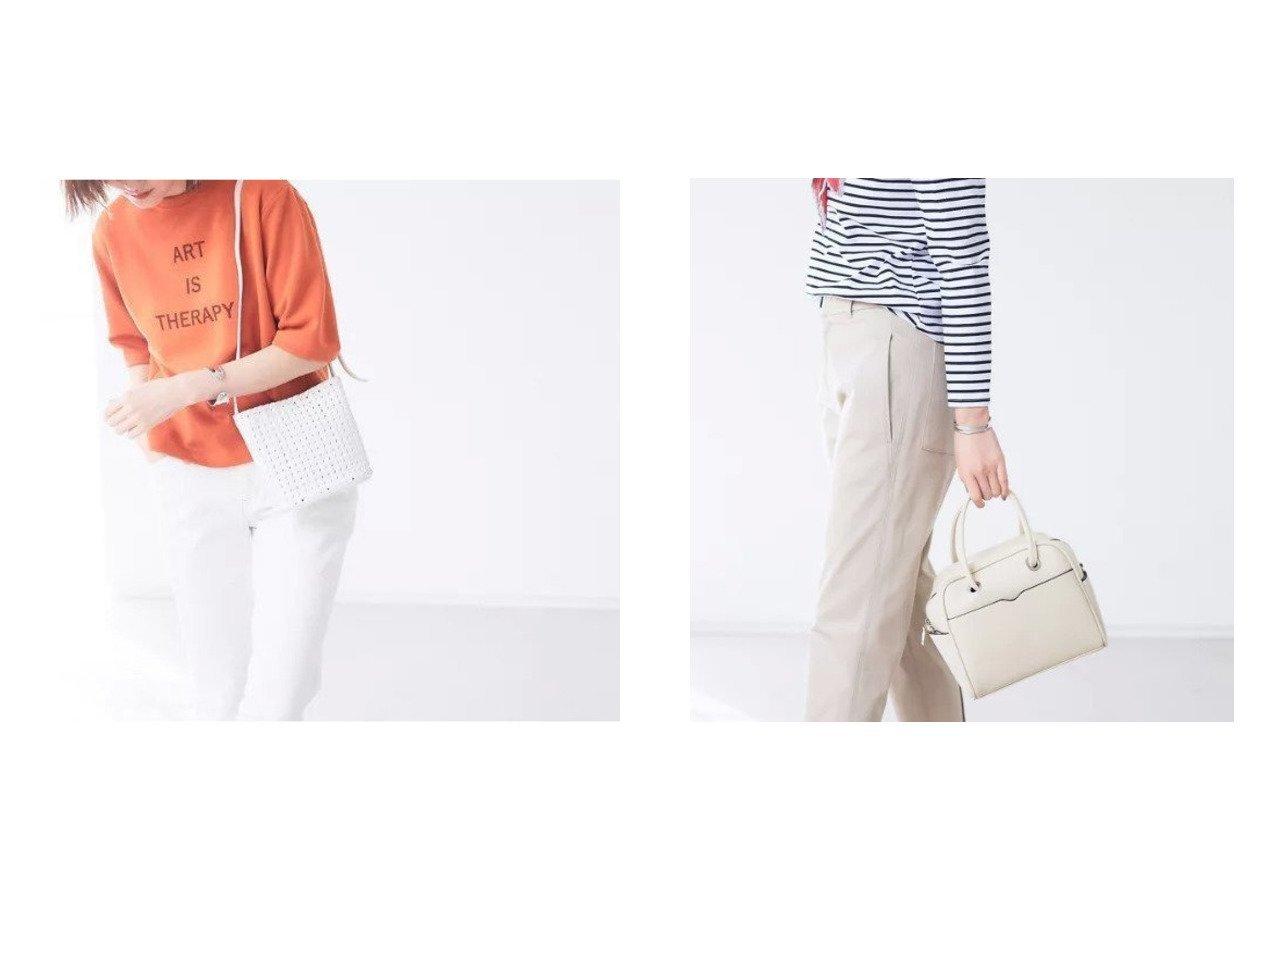 【Rouge vif/ルージュ ヴィフ】の【Avancer】インナーポーチ付き/メッシュショルダーバッグ&【Avancer】ショルダー付きミニボストンバッグ ルージュ ヴィフのおすすめ!人気、トレンド・レディースファッションの通販  おすすめで人気の流行・トレンド、ファッションの通販商品 メンズファッション・キッズファッション・インテリア・家具・レディースファッション・服の通販 founy(ファニー) https://founy.com/ ファッション Fashion レディースファッション WOMEN バッグ Bag ポーチ Pouches ショルダー シンプル スクエア トレンド ボストンバッグ ポケット マグネット インナー スカーフ ポーチ メッシュ |ID:crp329100000020964